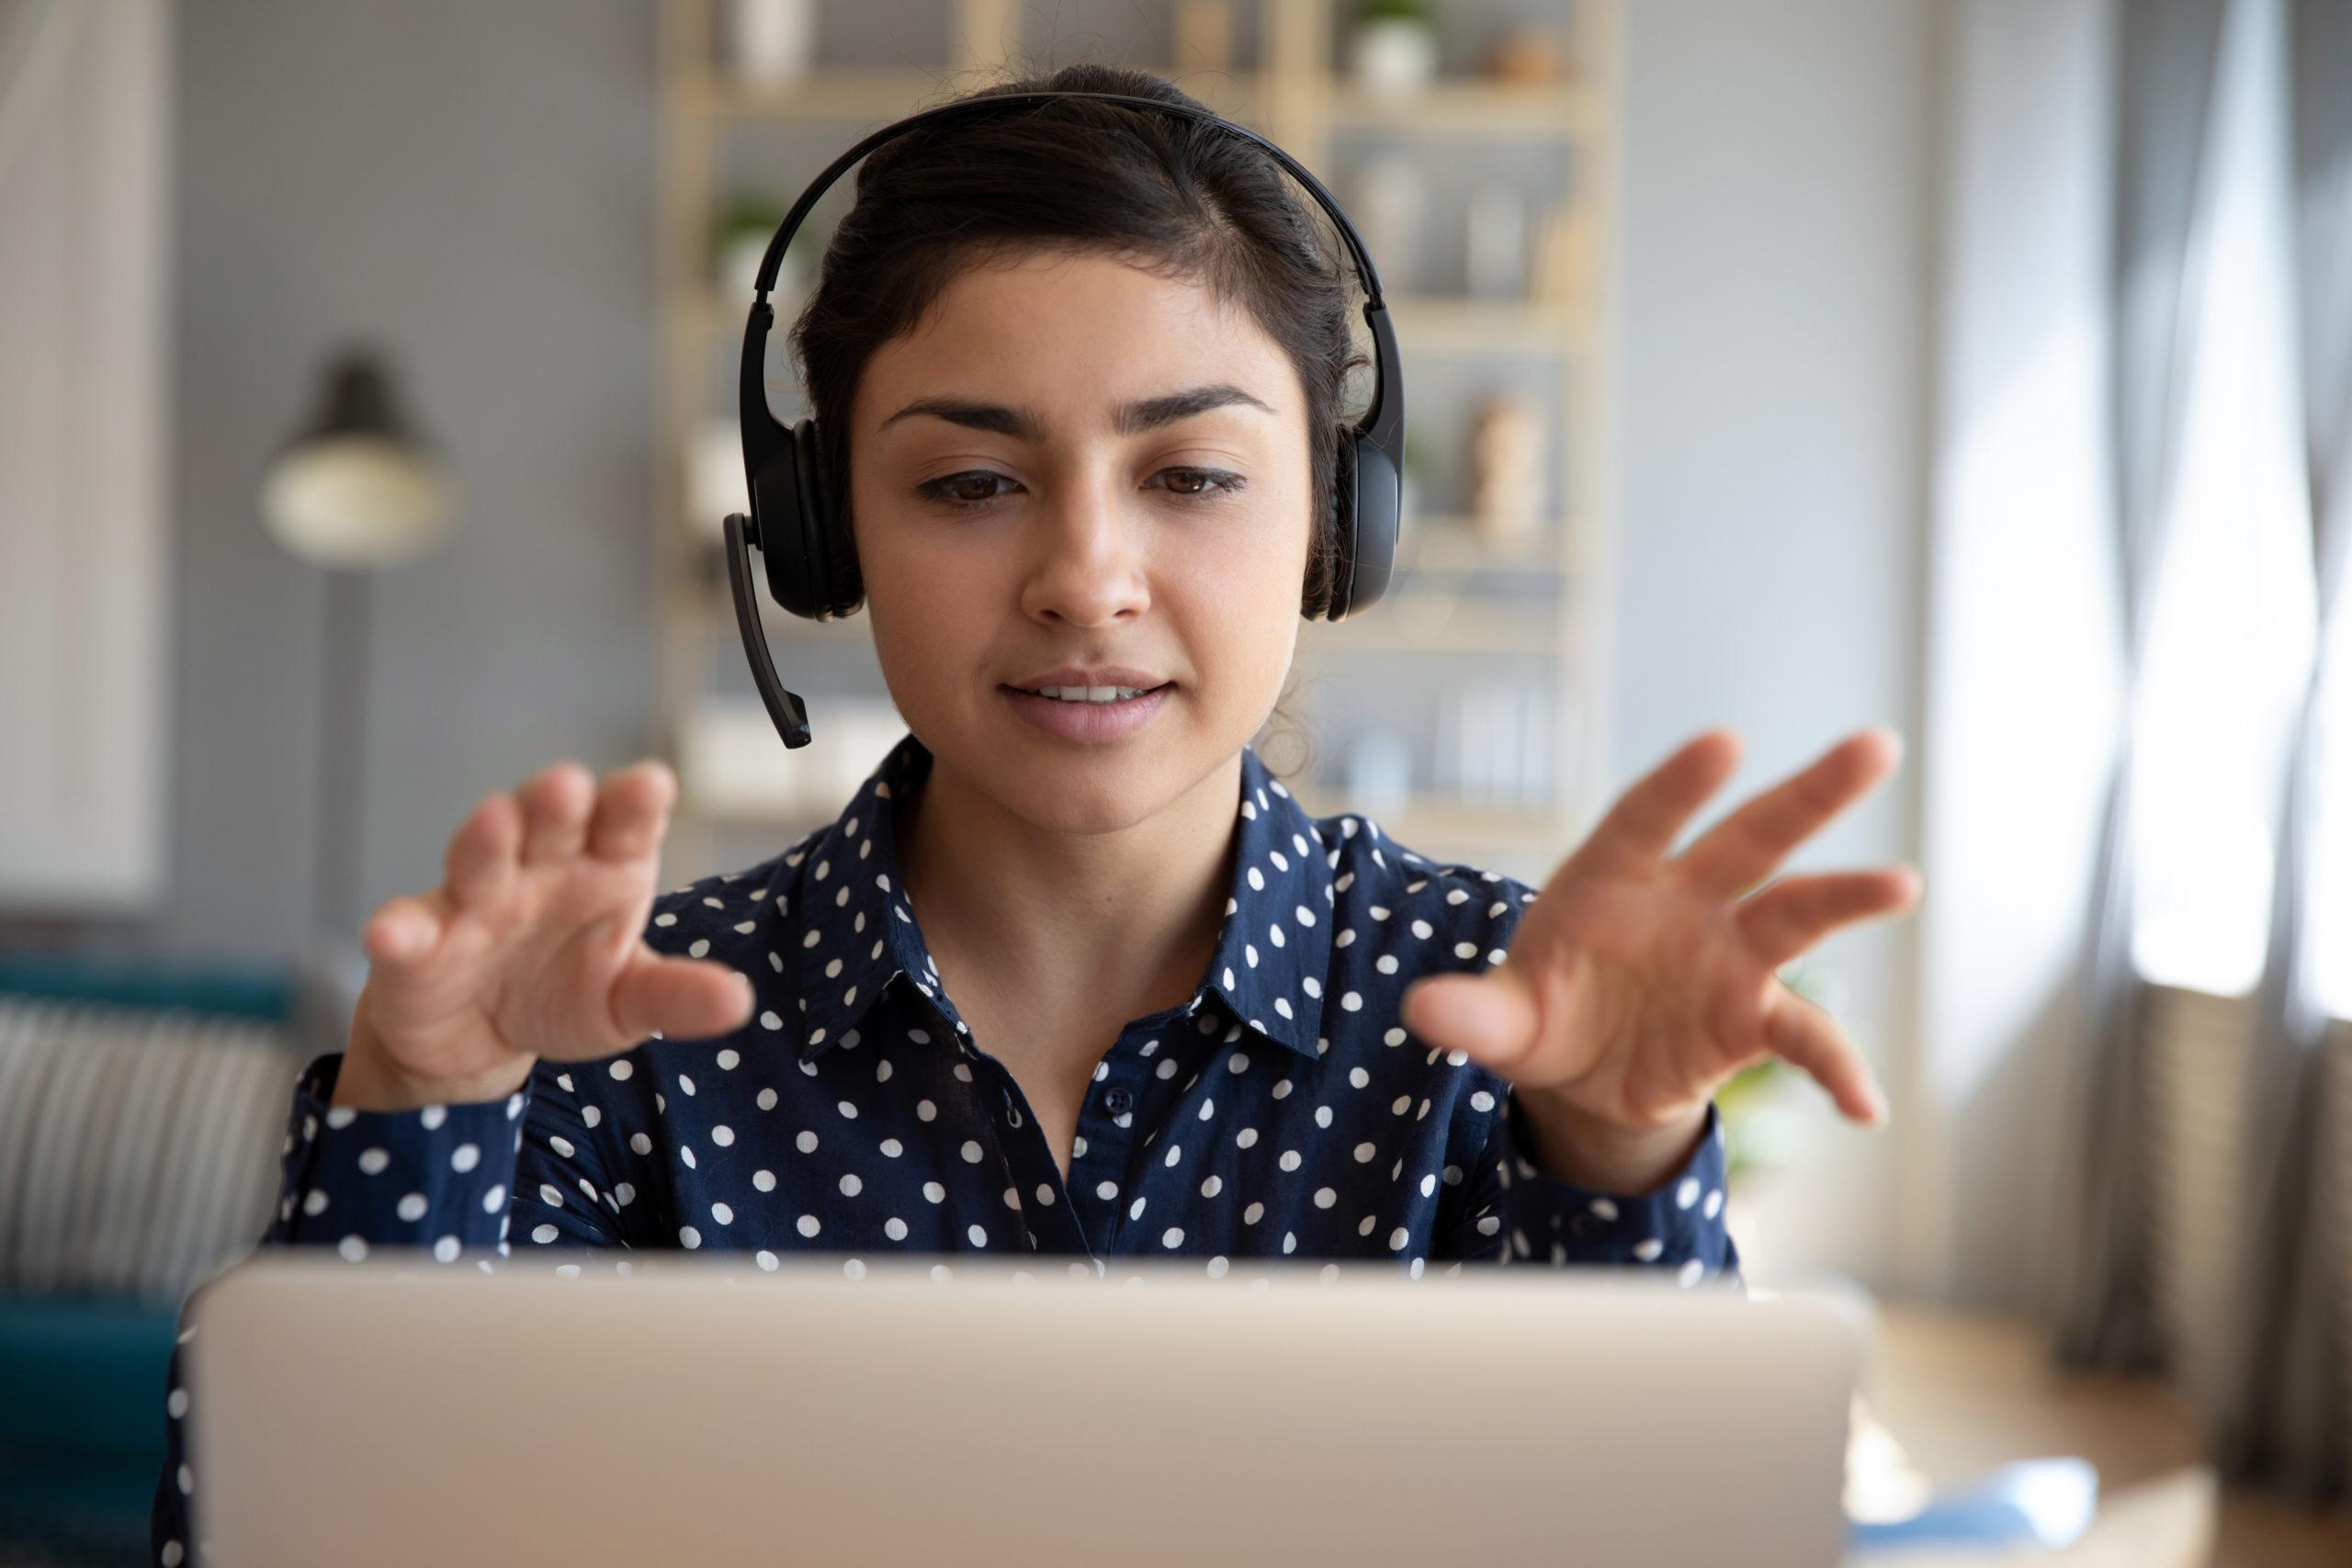 10 Tips for Teachers Using Video